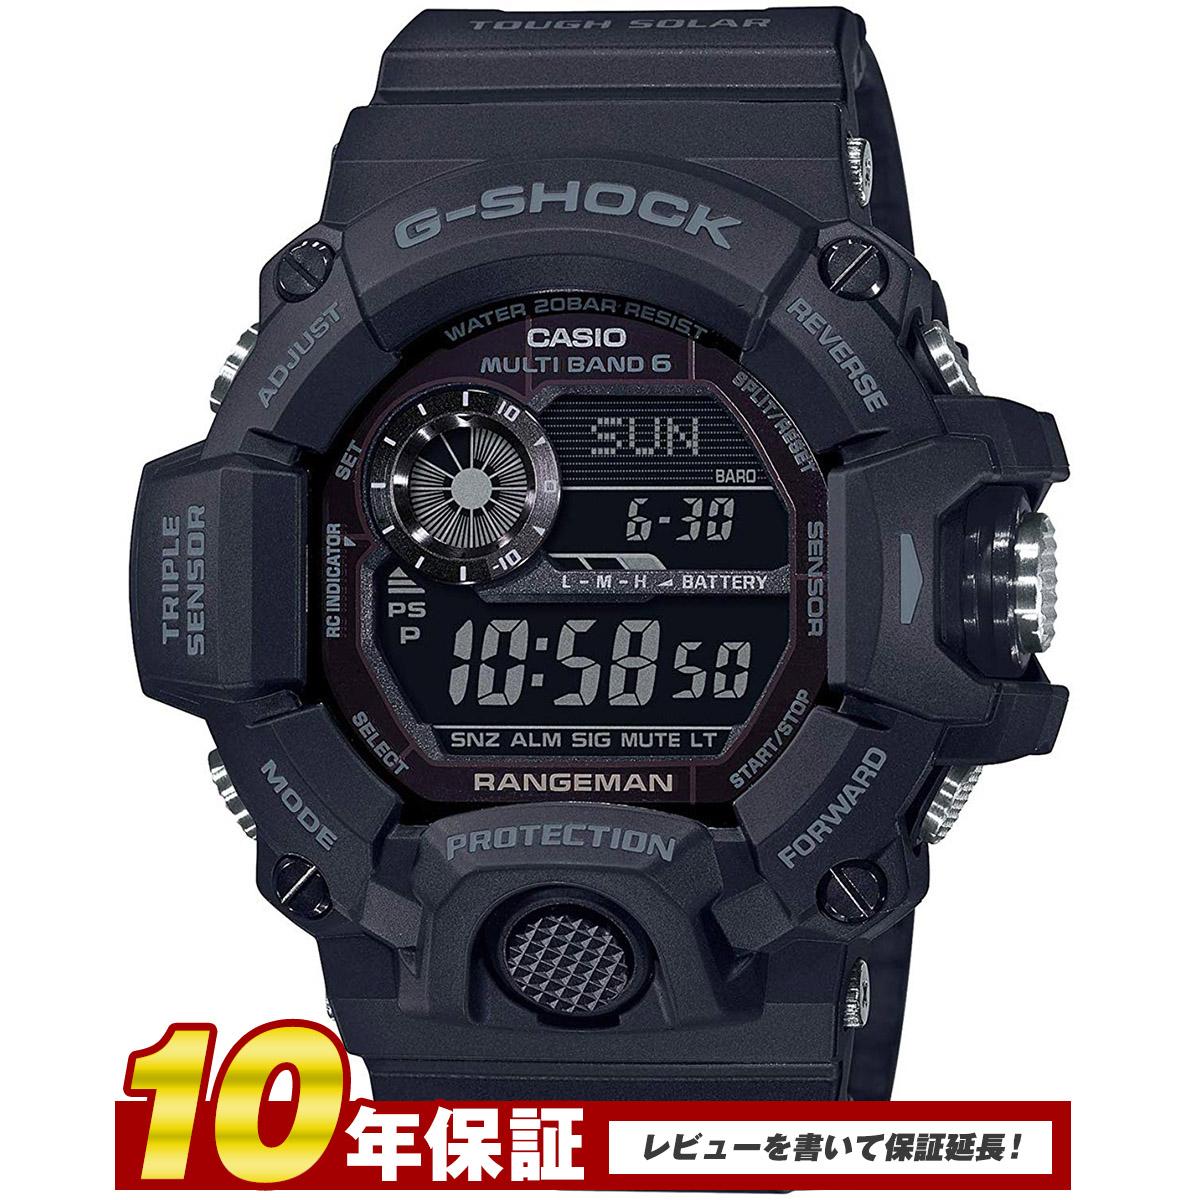 【全品送料無料】 【10年保証】カシオ CASIO マスターオブG G-SHOCK Master of G GW-9400-1B メンズ 時計 腕時計 クオーツ ワールドタイム表示